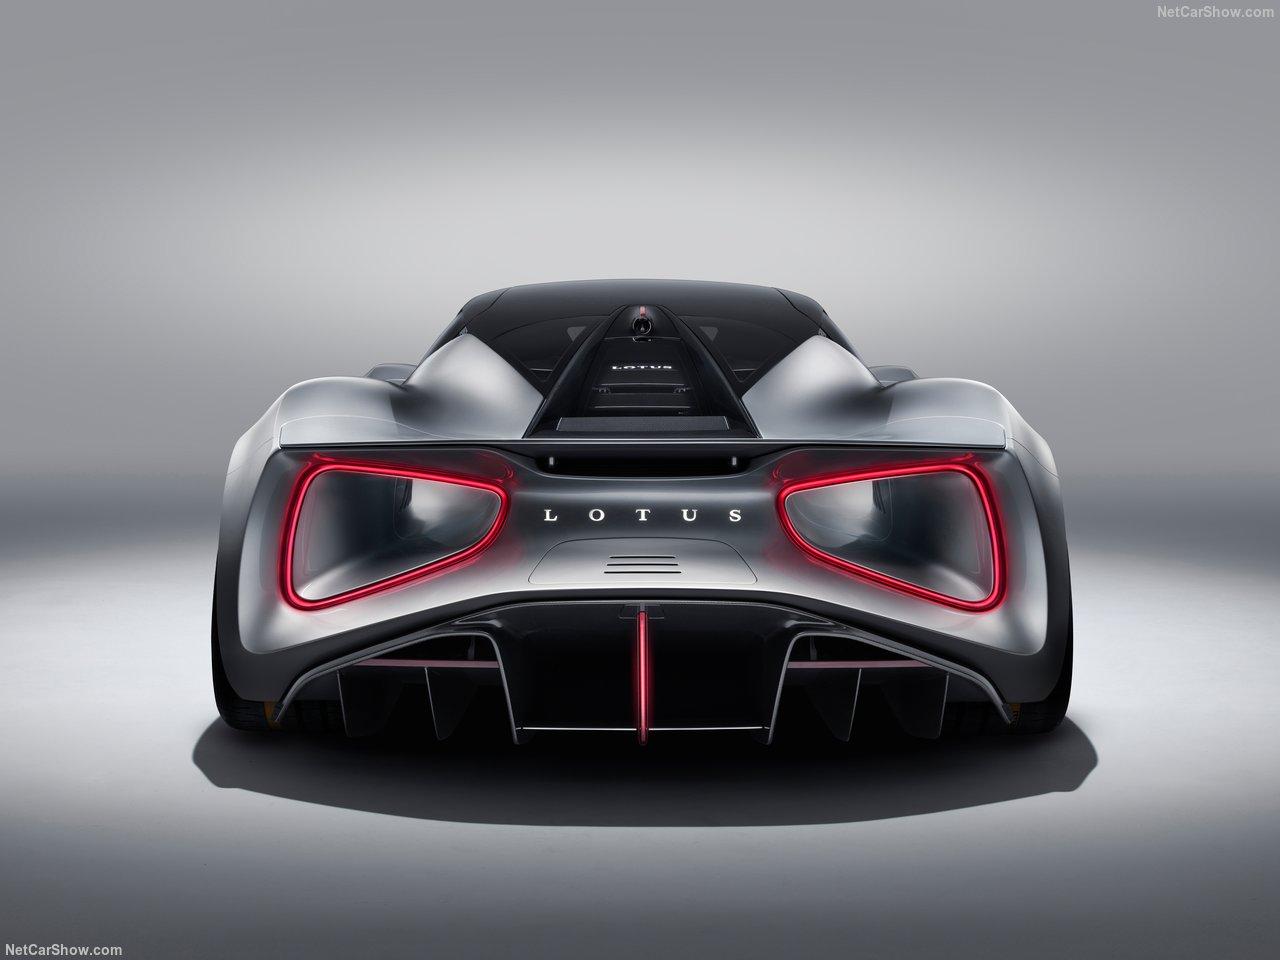 Lotus-Evija-2020-1280-06.jpg